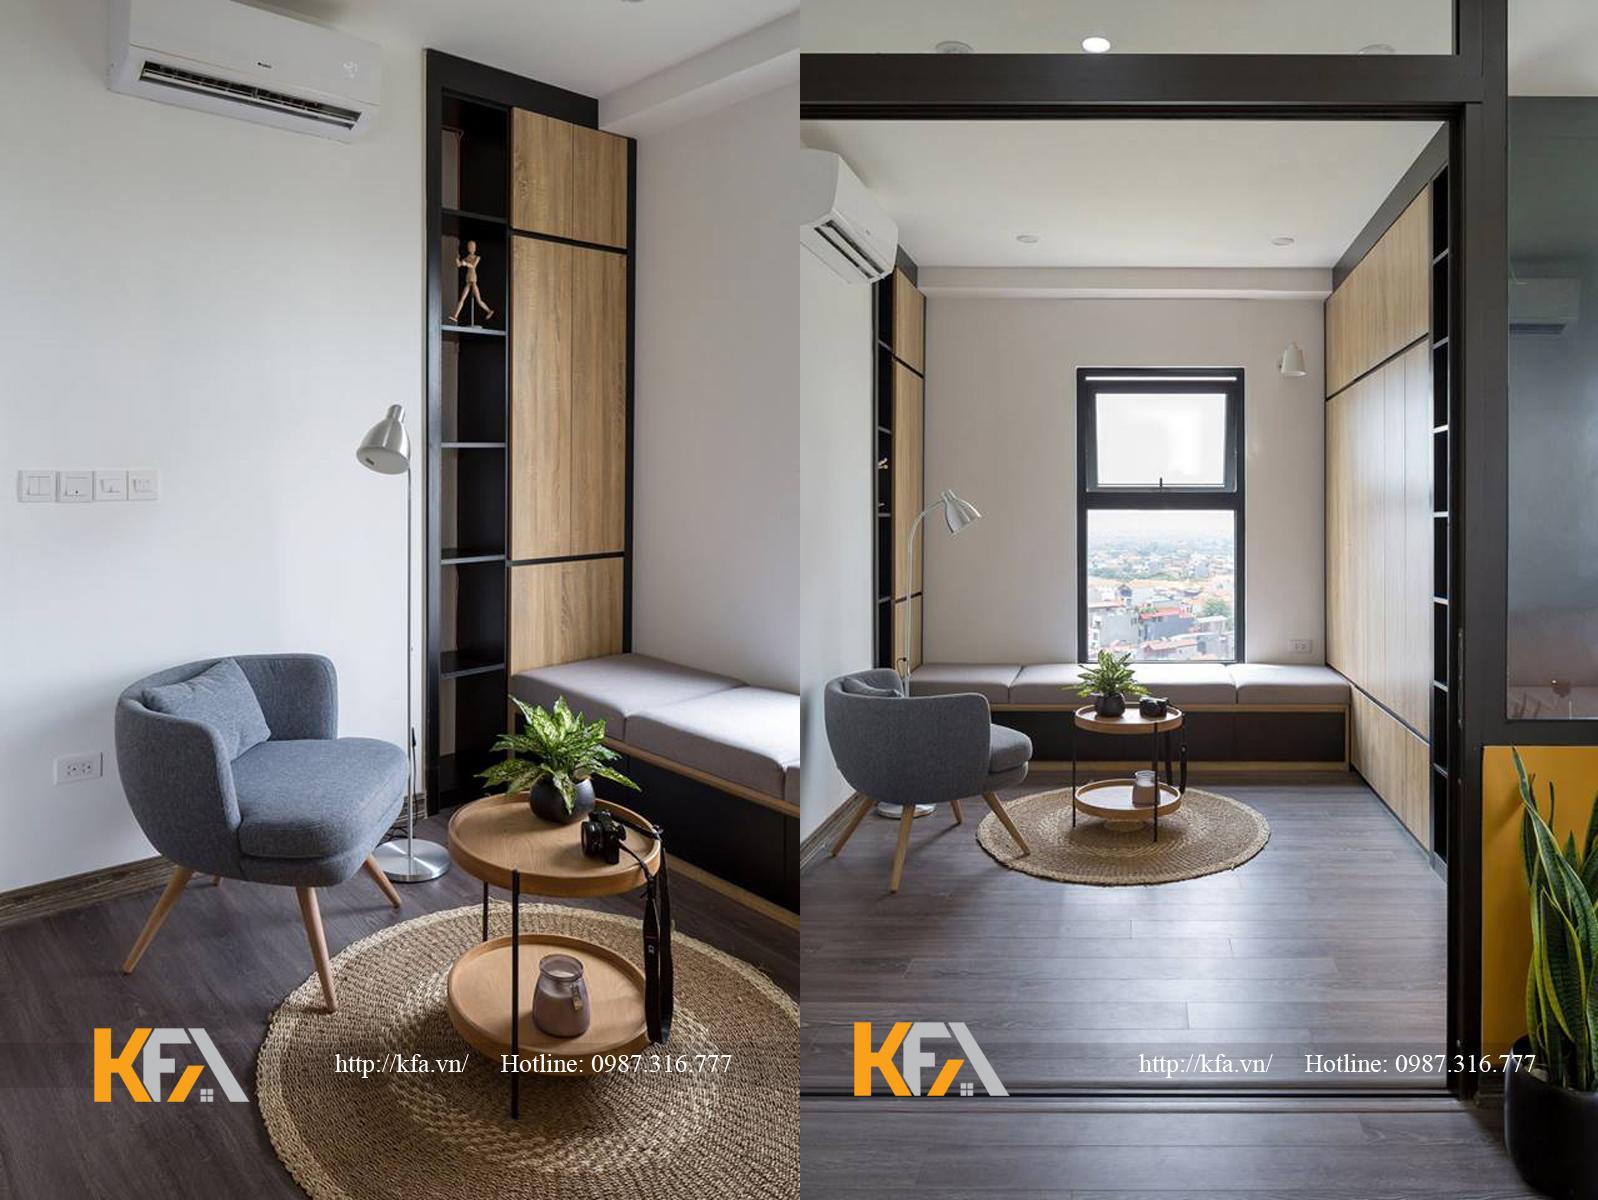 Thiết kế nội thất chung cư ECOPARK – Anh Huy